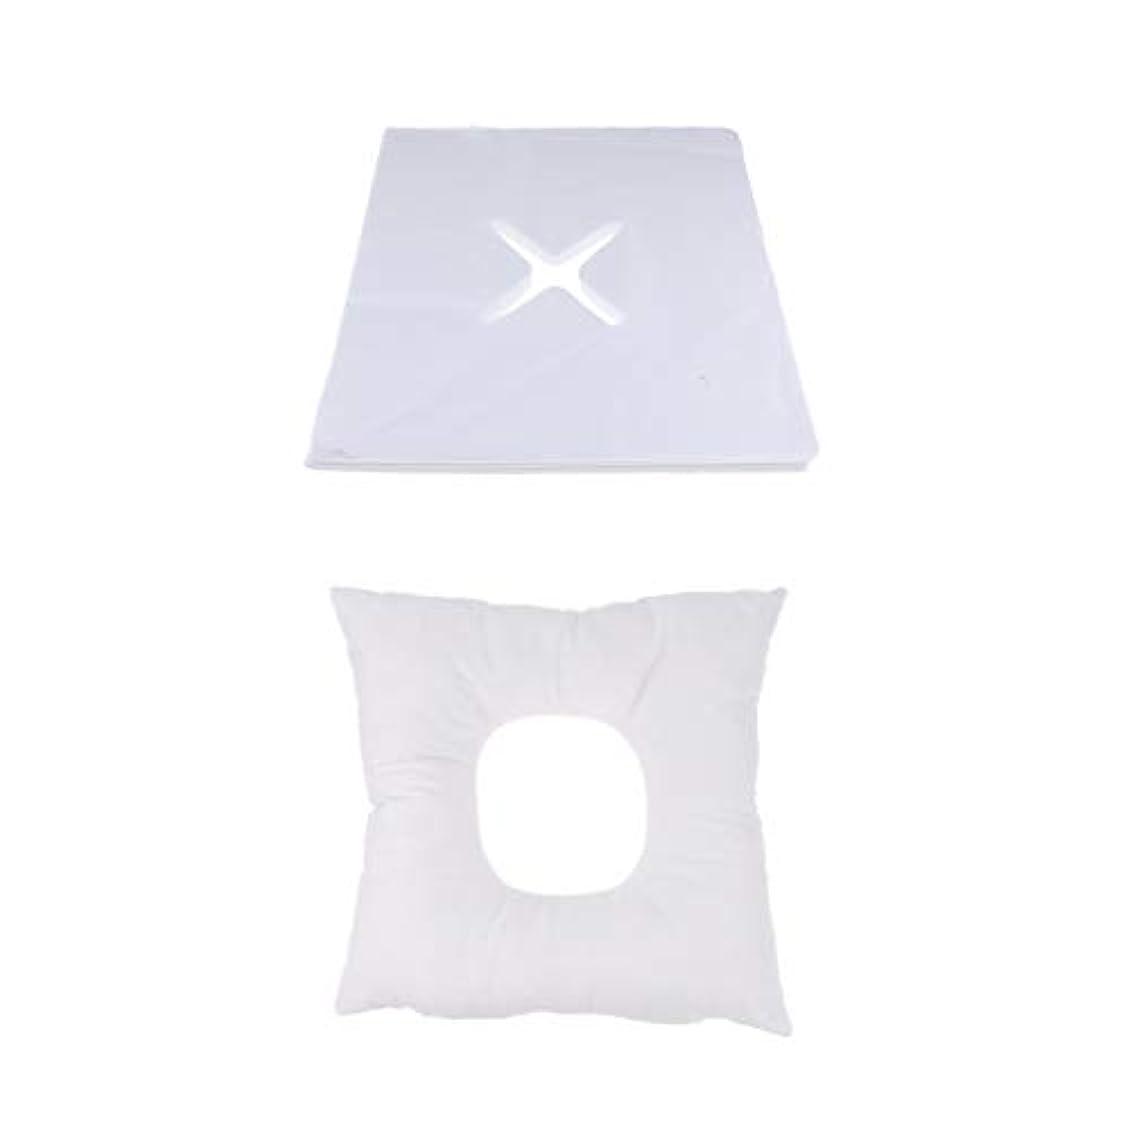 ますますメガロポリスジャグリングマッサージ枕 顔枕 フェイスマット 200個使い捨てカバー付き 柔らかく快適